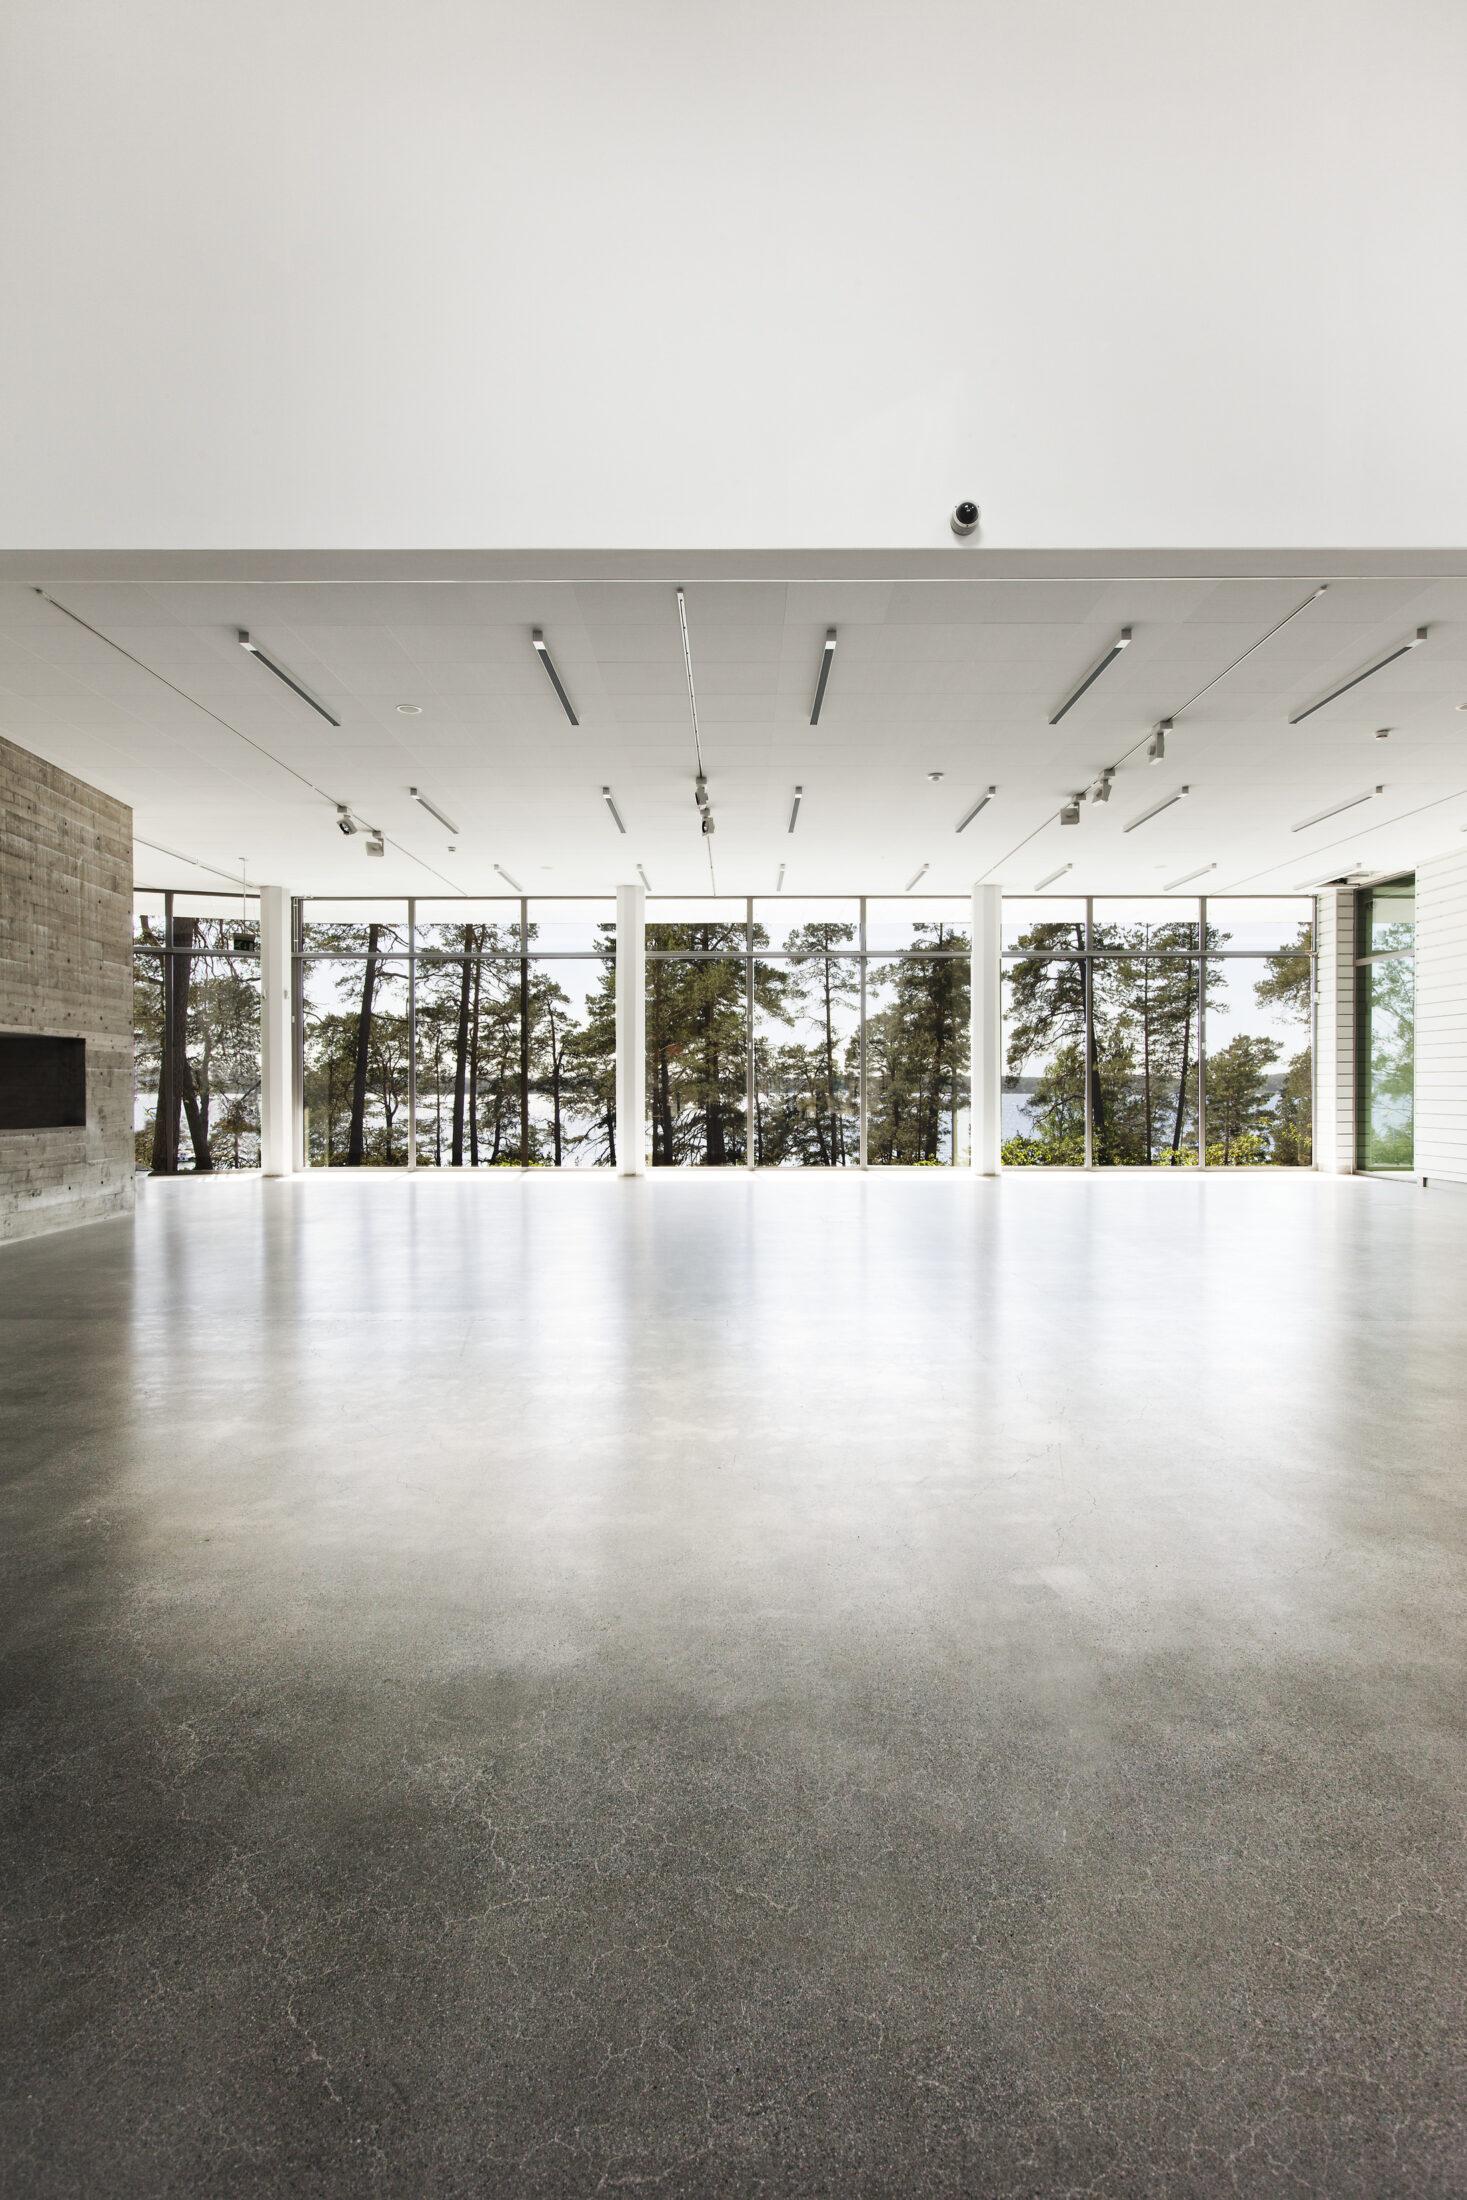 Från entréhallen på konsthallen Artipelag på Värmdö möts man av stora fönster som fångar den vackra tallskogen på utsidan.